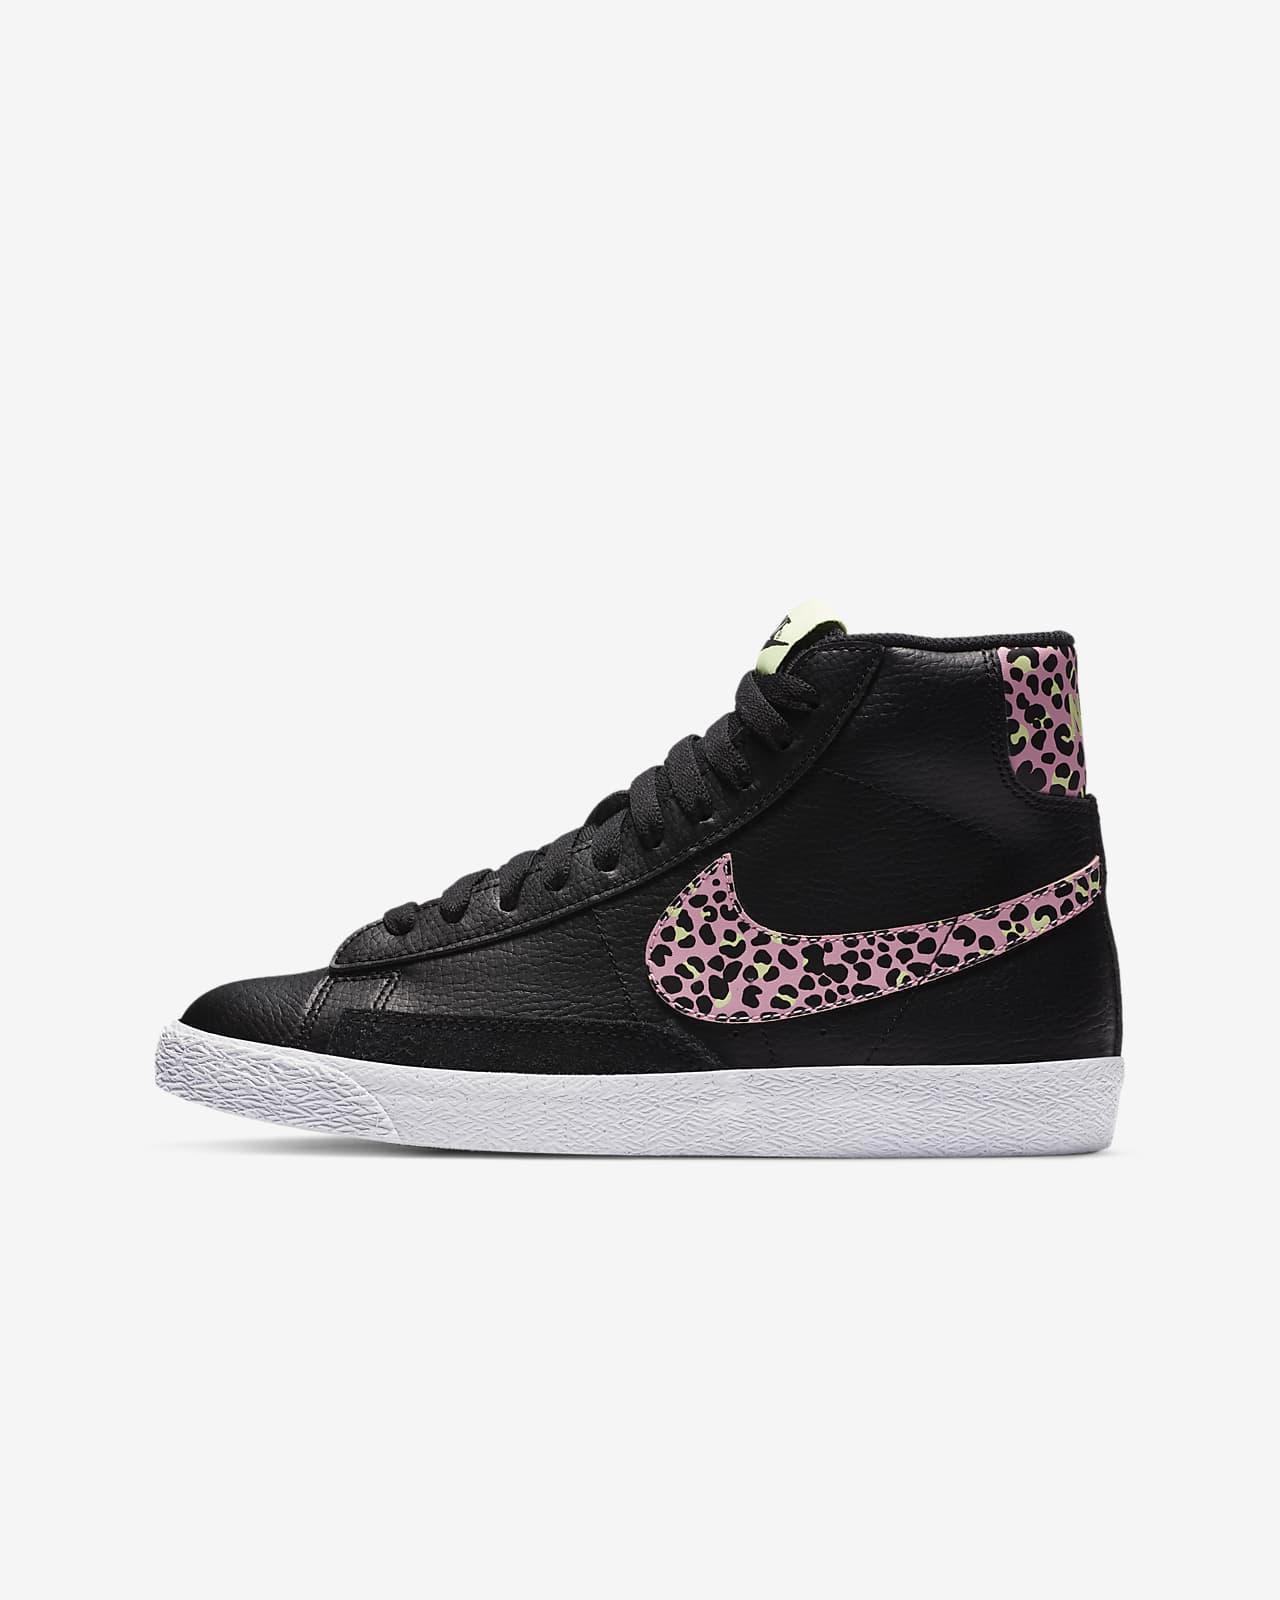 Παπούτσι Nike Blazer Mid για μεγάλα παιδιά